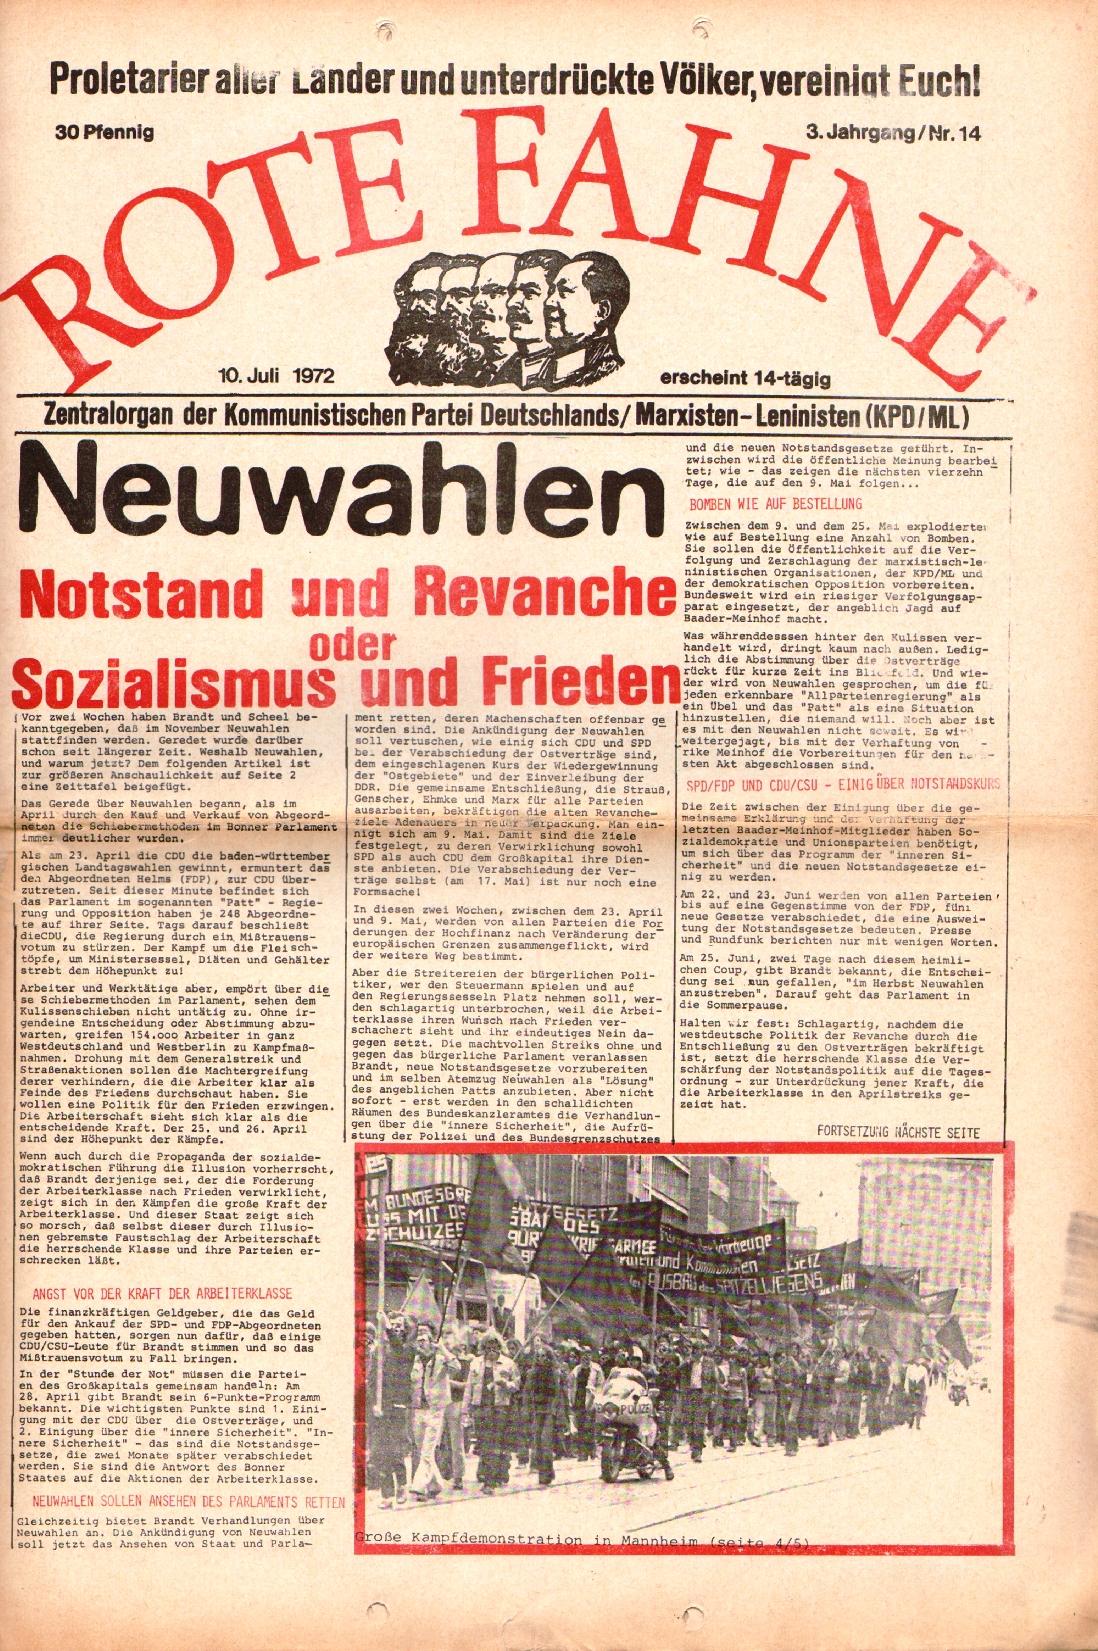 Rote Fahne, 3. Jg., 10.7.1972, Nr. 14, Seite 1